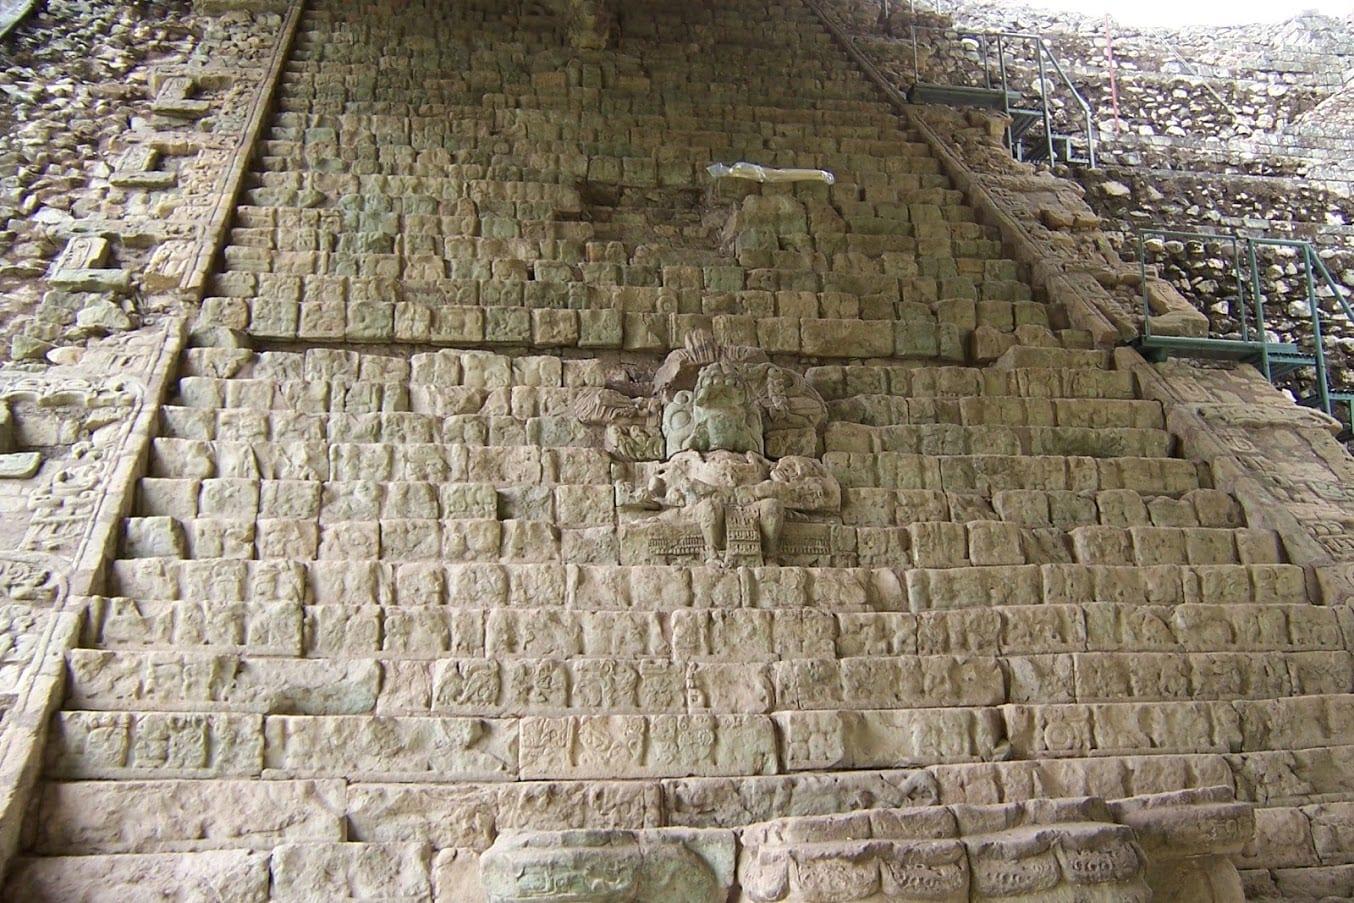 Visiting Copan Ruinas in Honduras